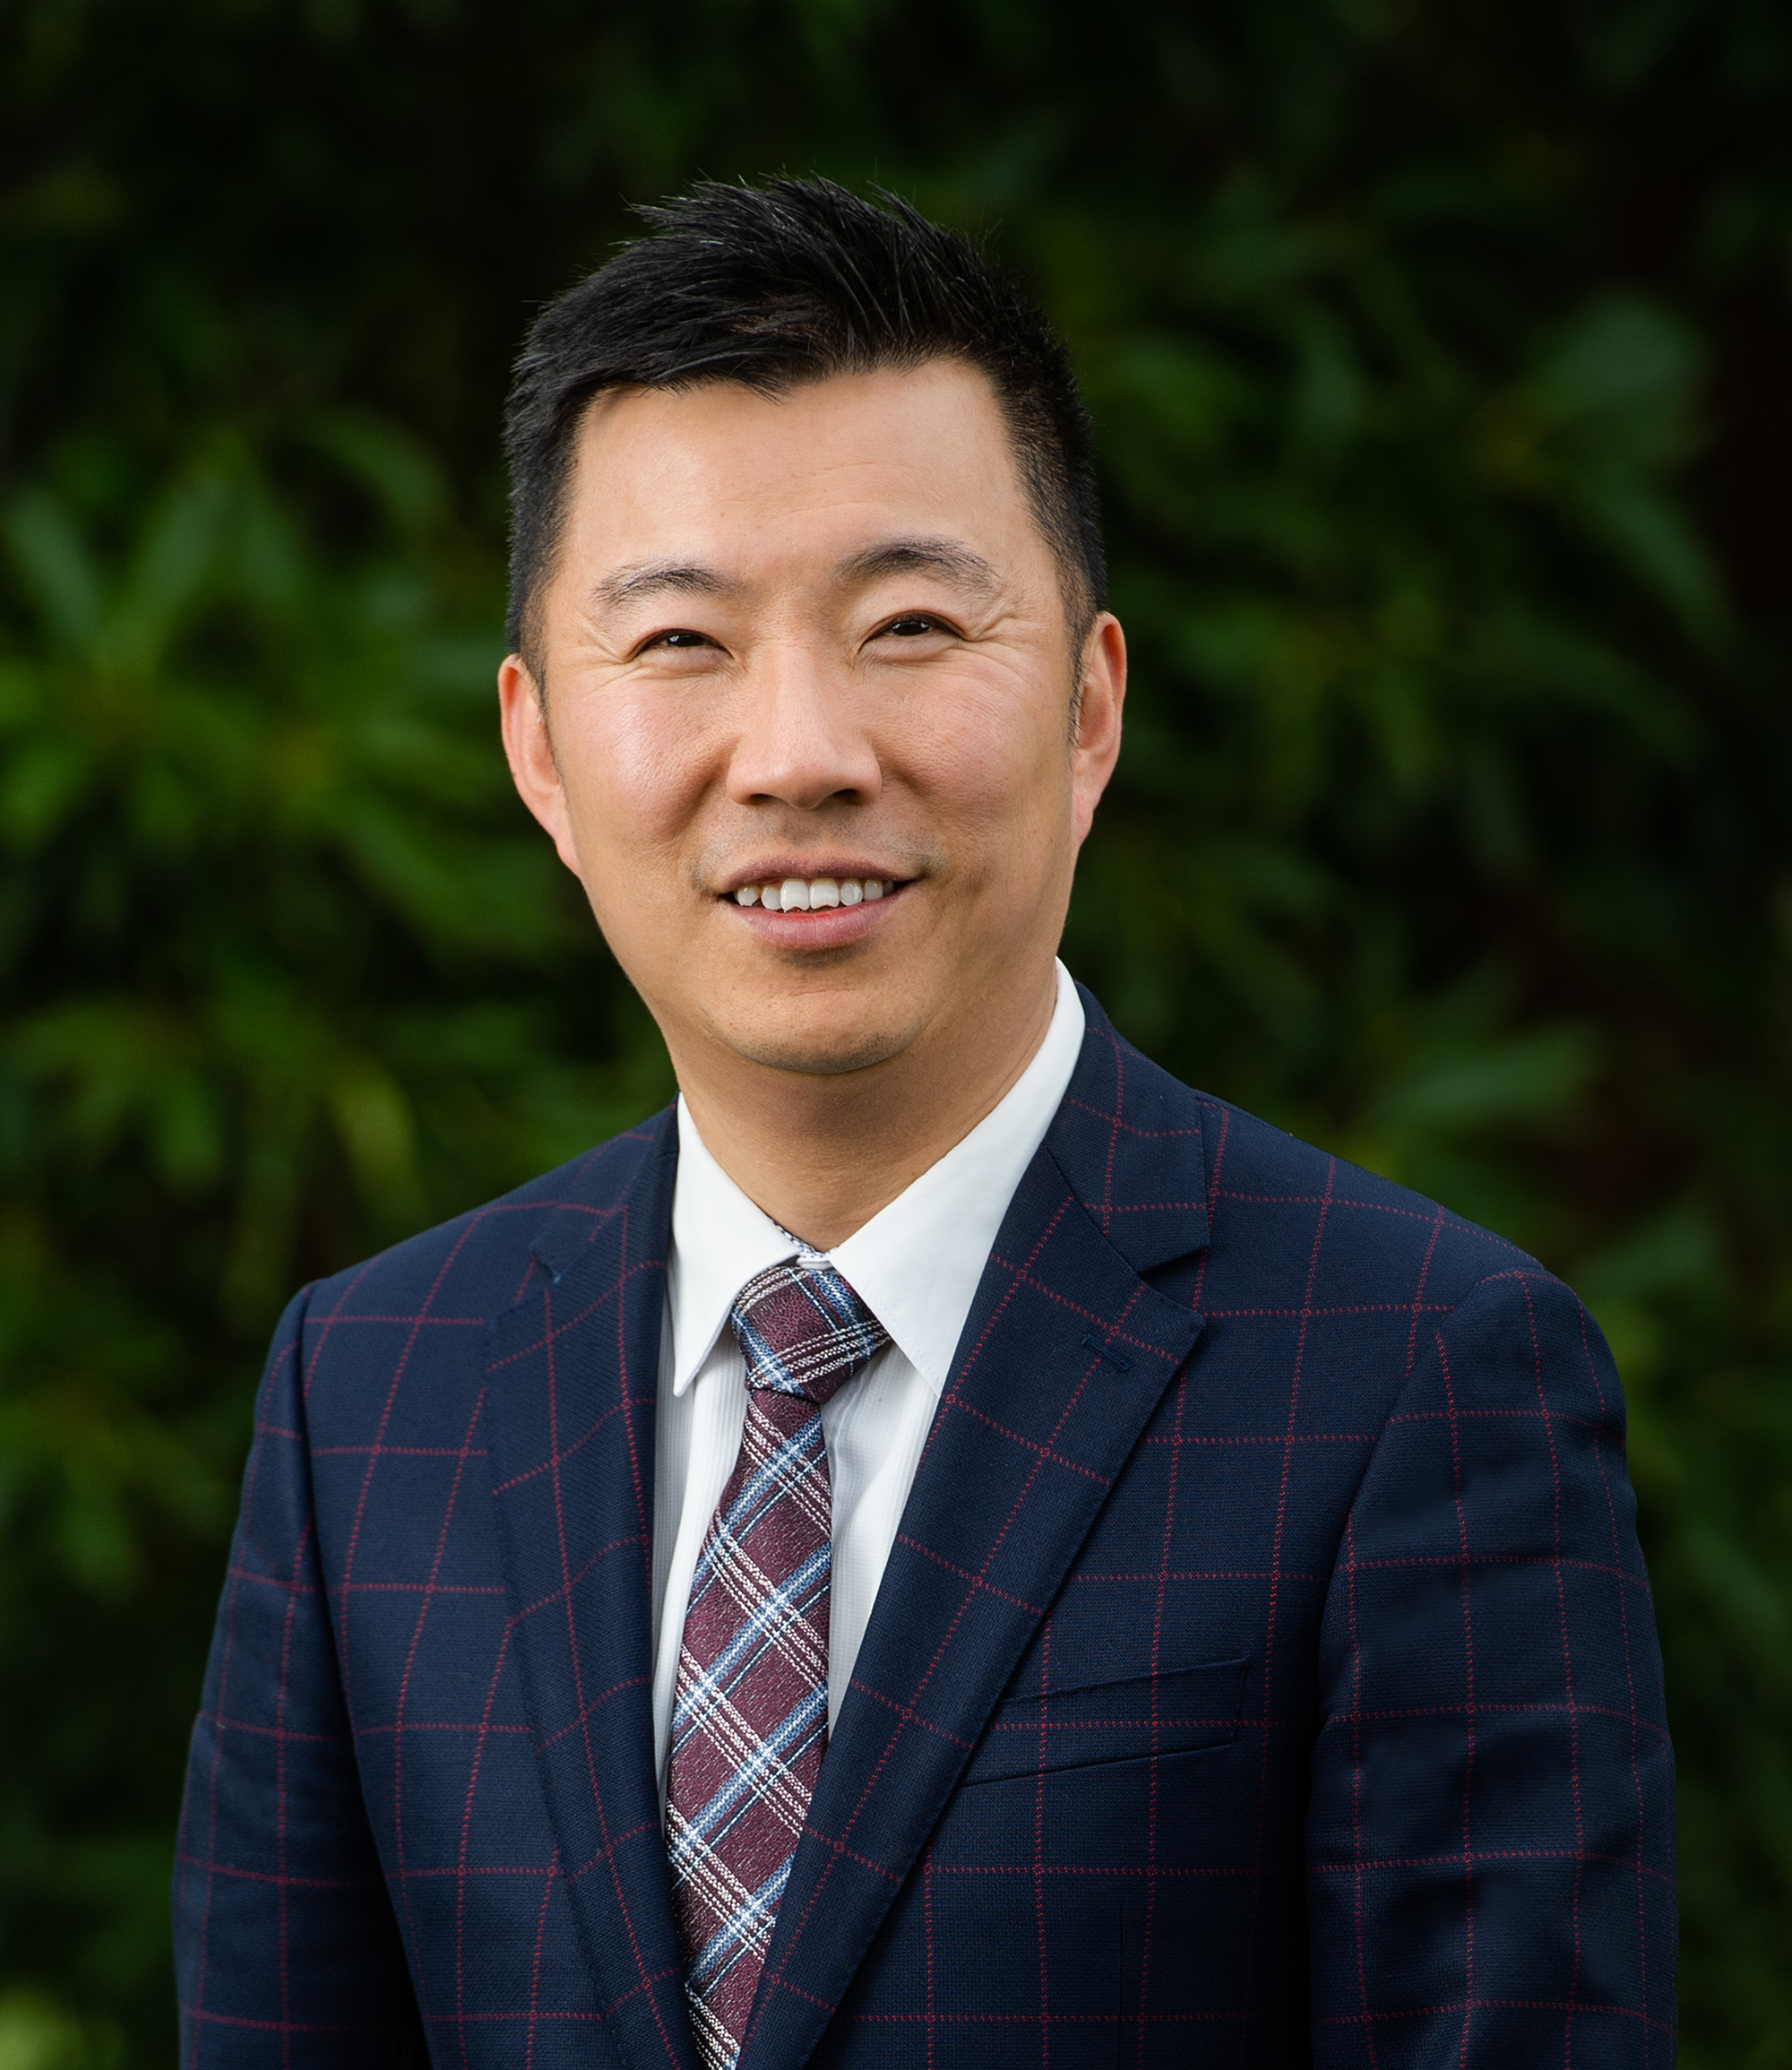 Tony Kwan